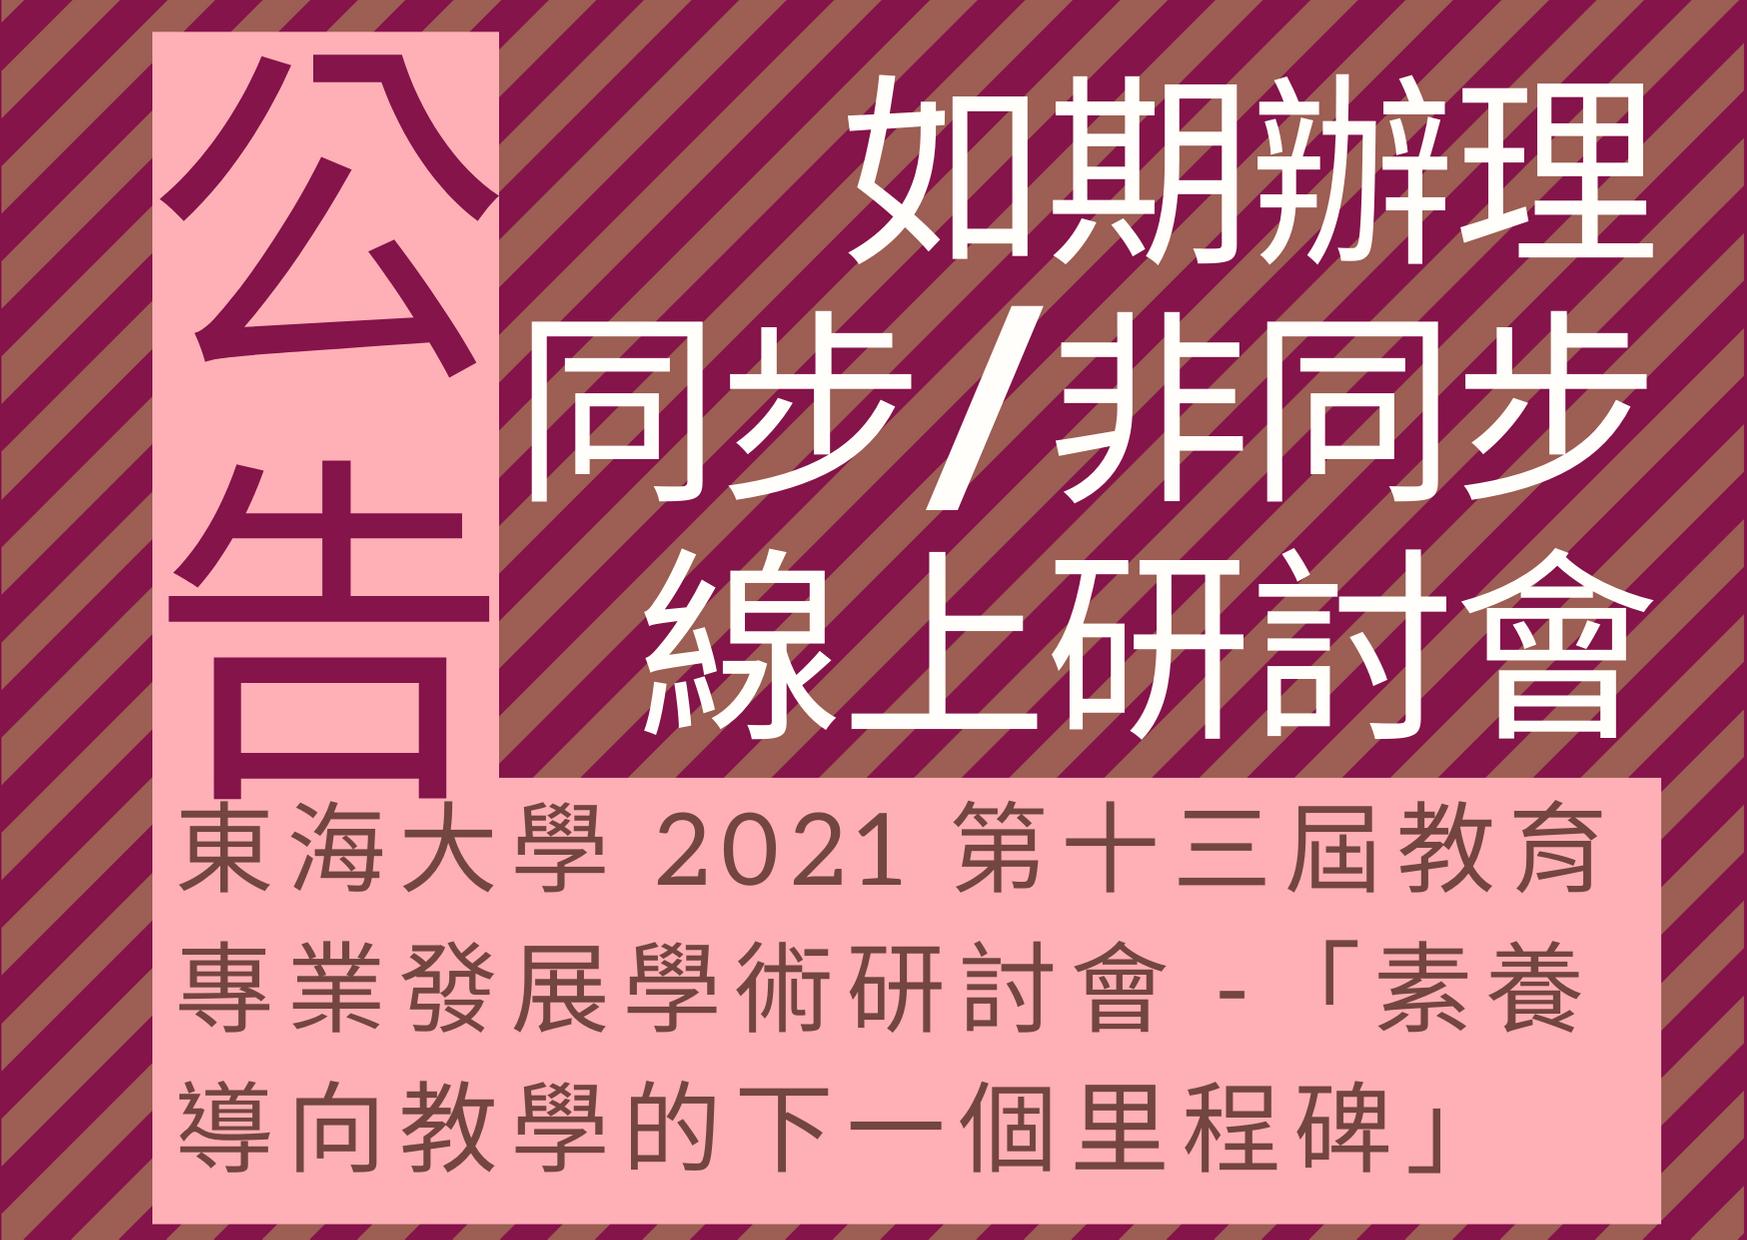 「東海大學2021第十三屆教育專業發展學術研討會」改採「線上研討會」方式如期辦理